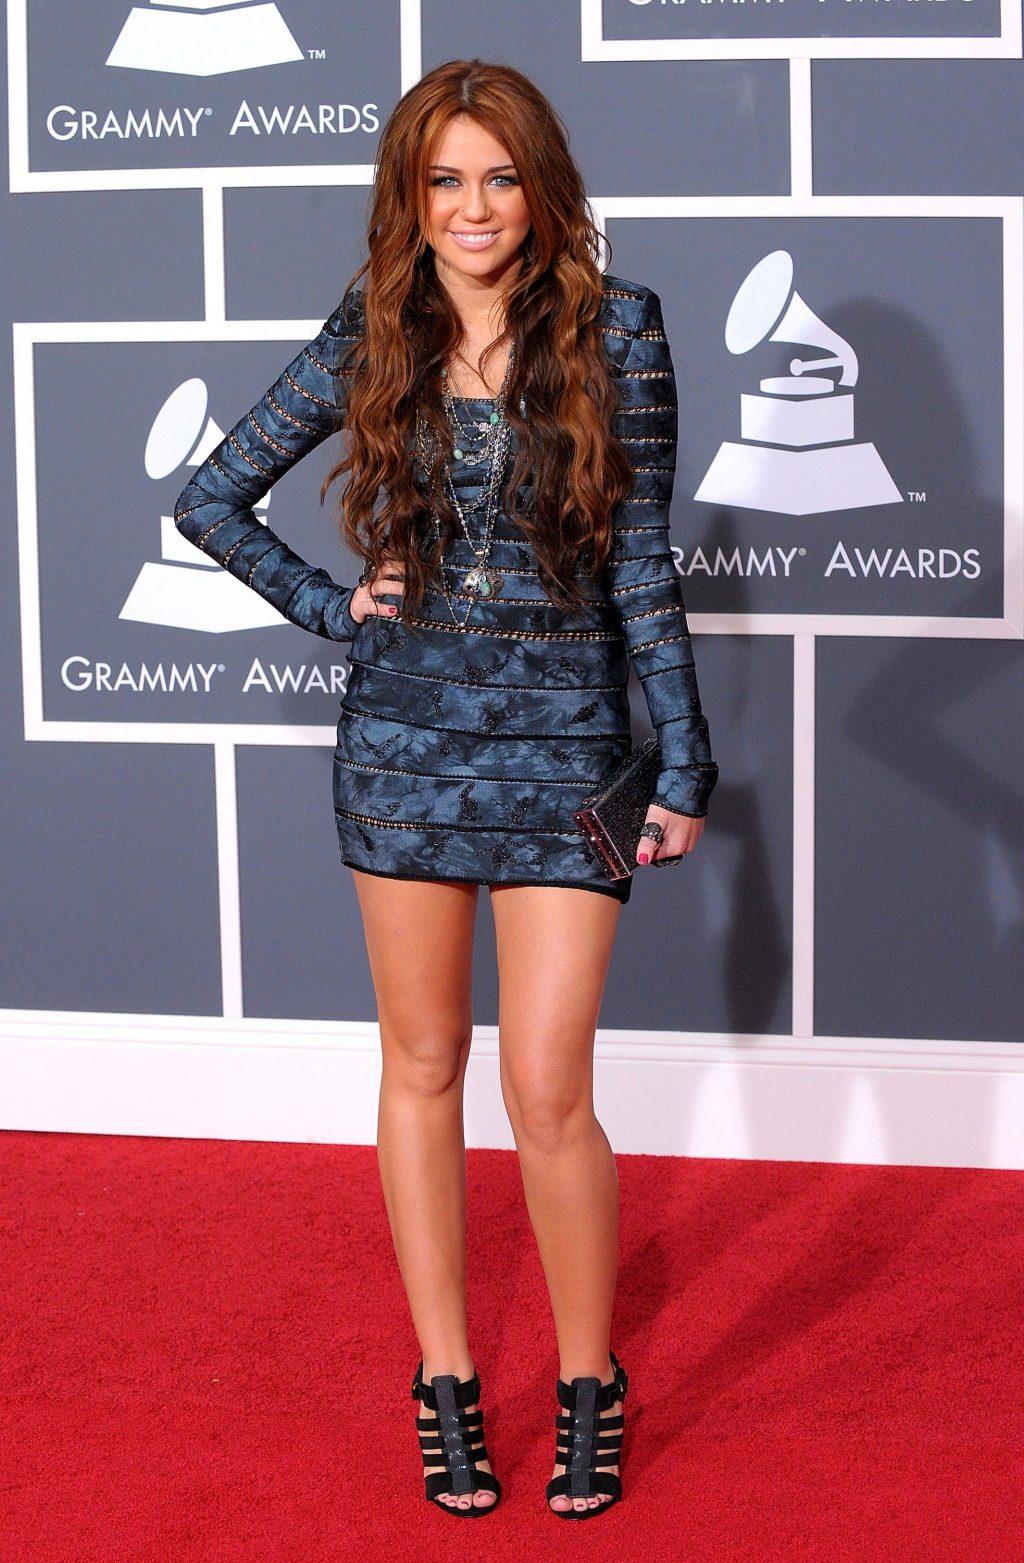 sự thay đổi trong phong cách thời trang của Miley Cyrus 6